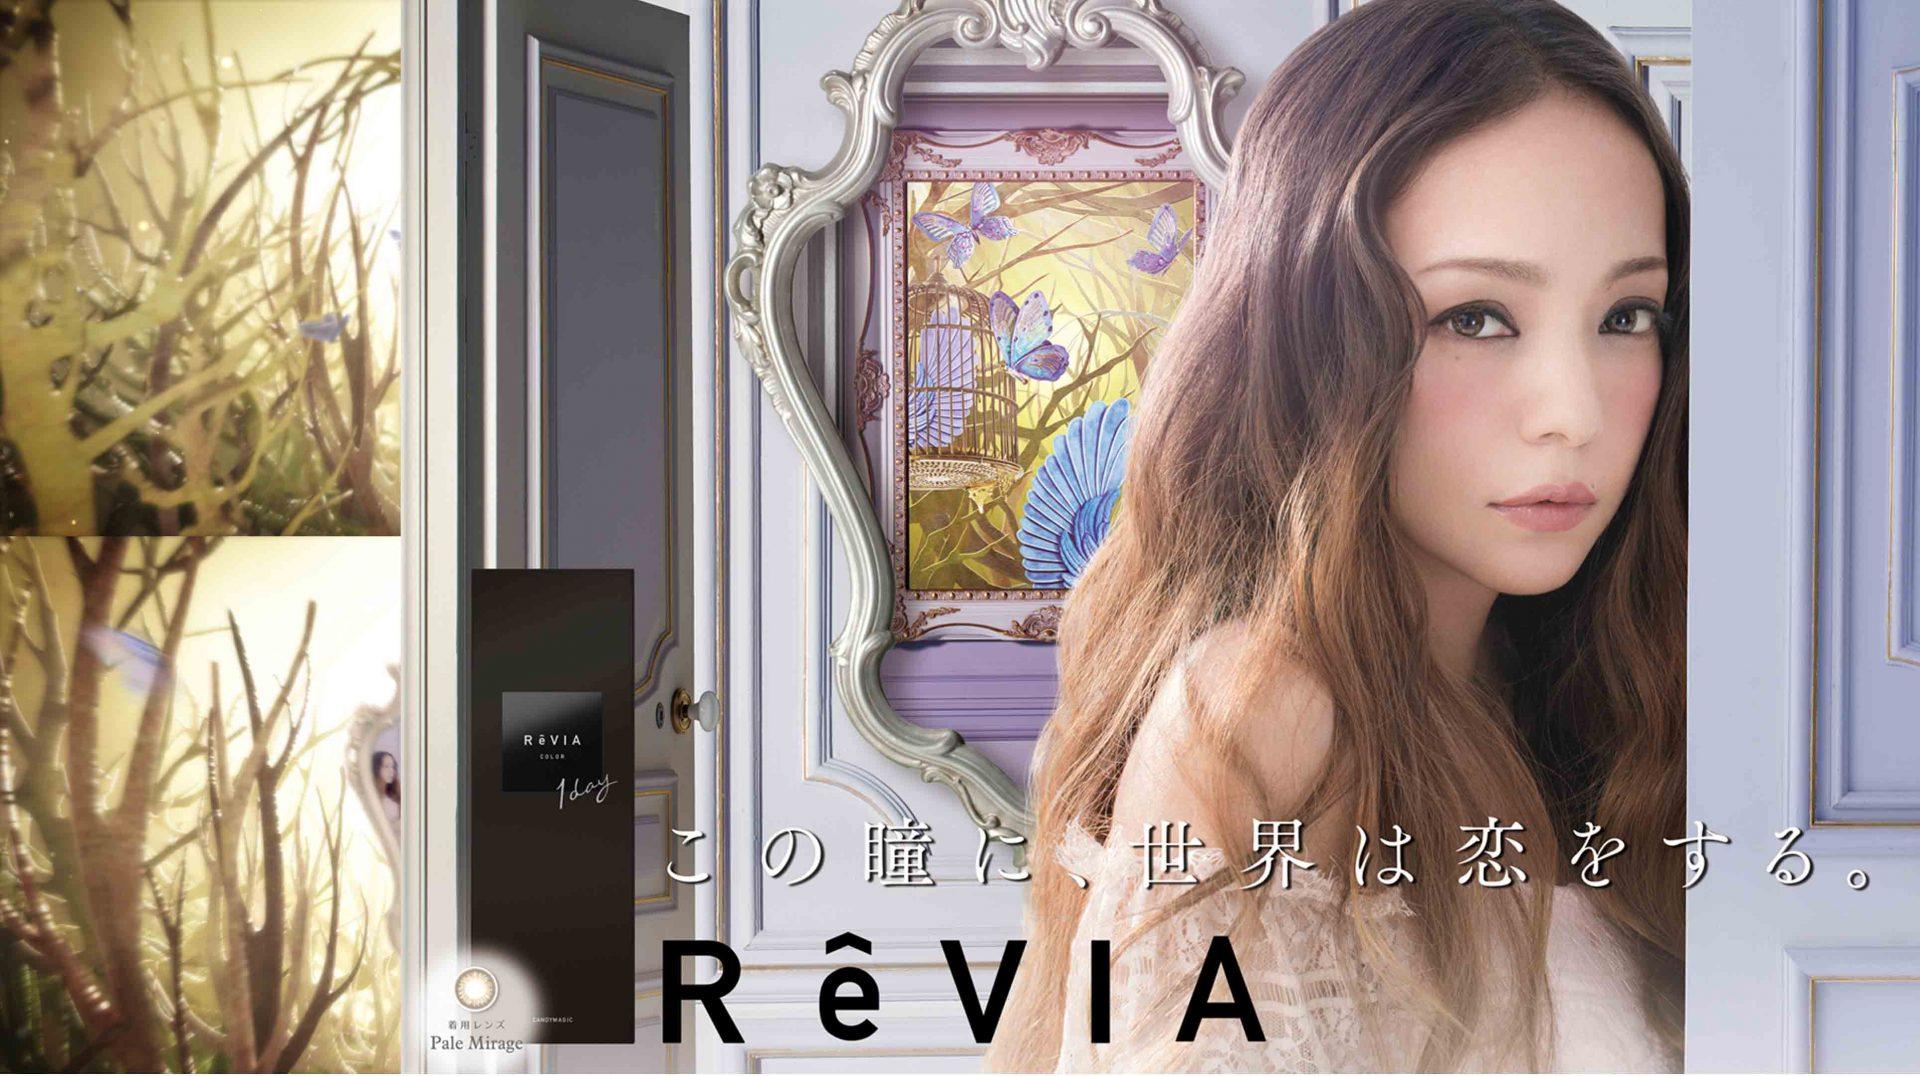 Lcode ReVIA「この瞳に、世界は恋をする」篇